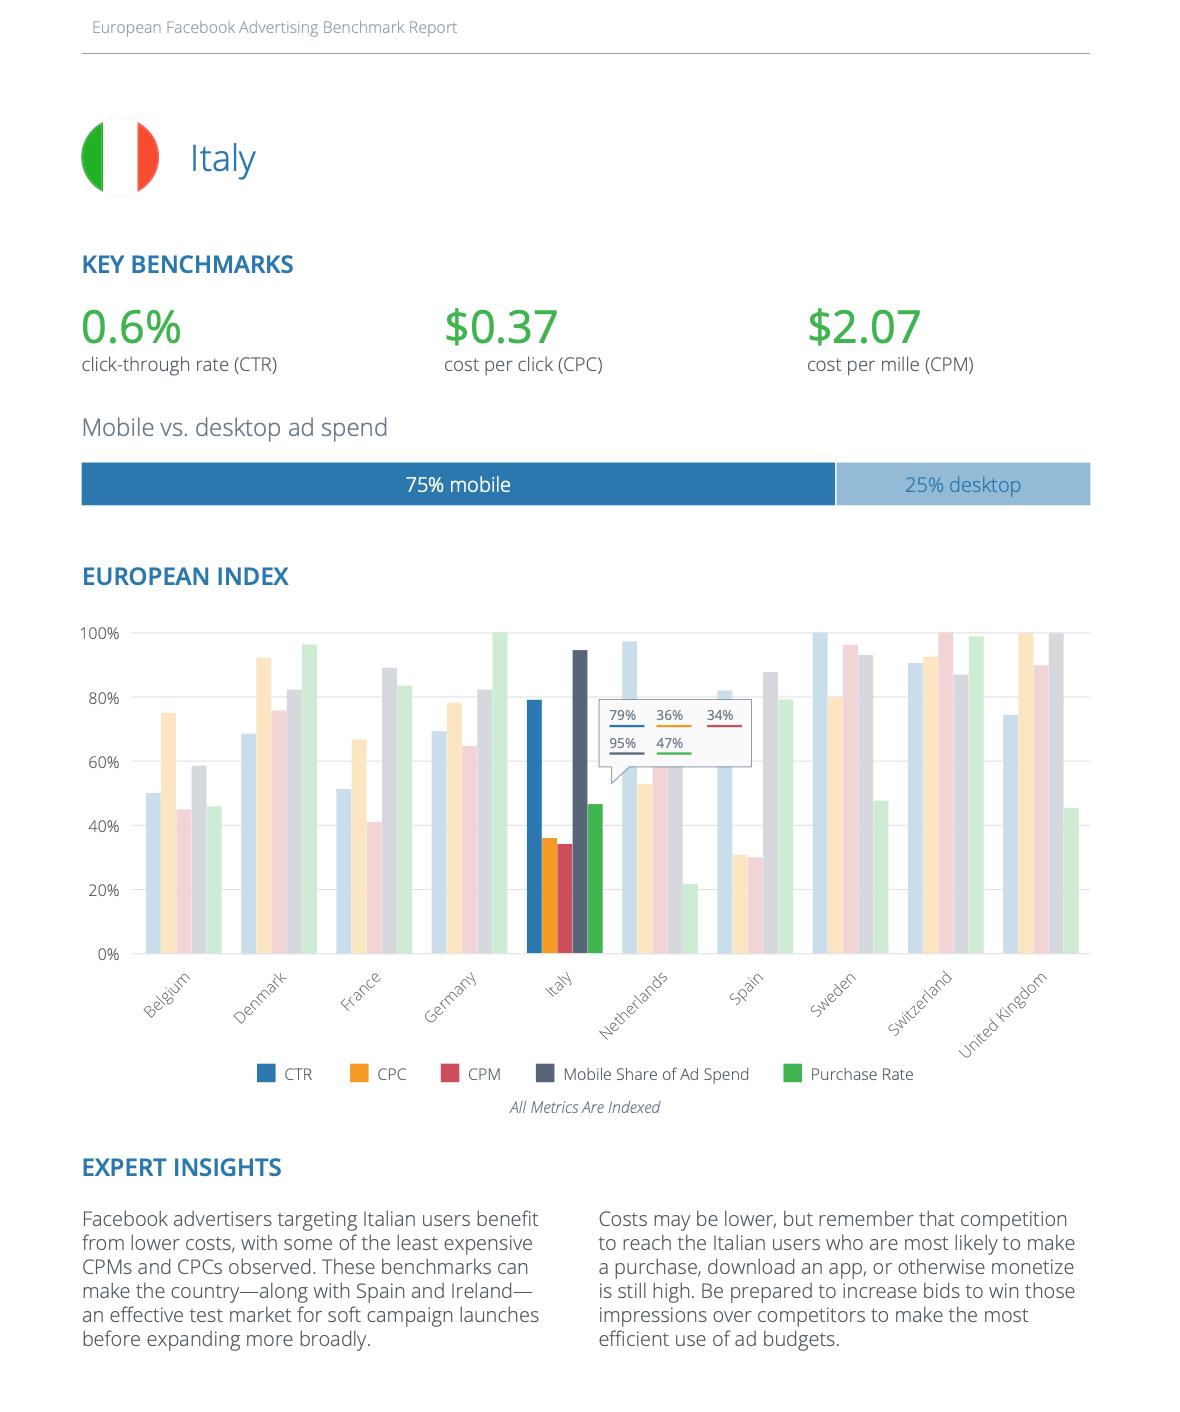 Cpc, ctr e cpm di facebook ads in Italia